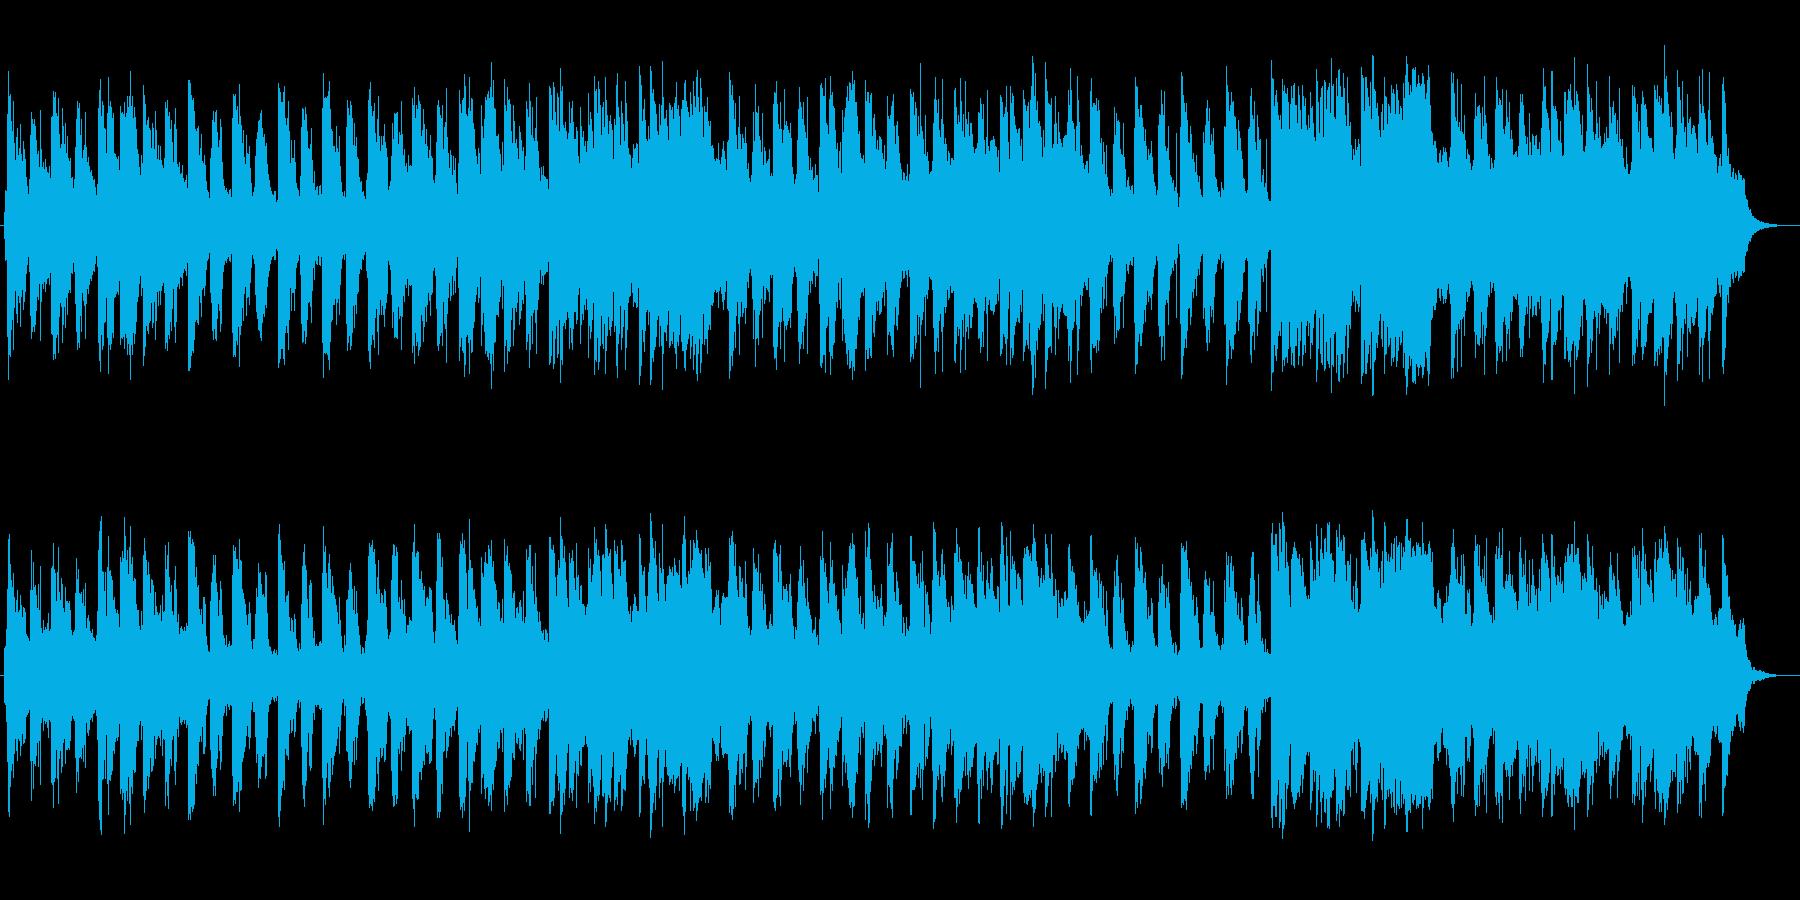 優しく爽やかなシンセサイザーサウンドの再生済みの波形